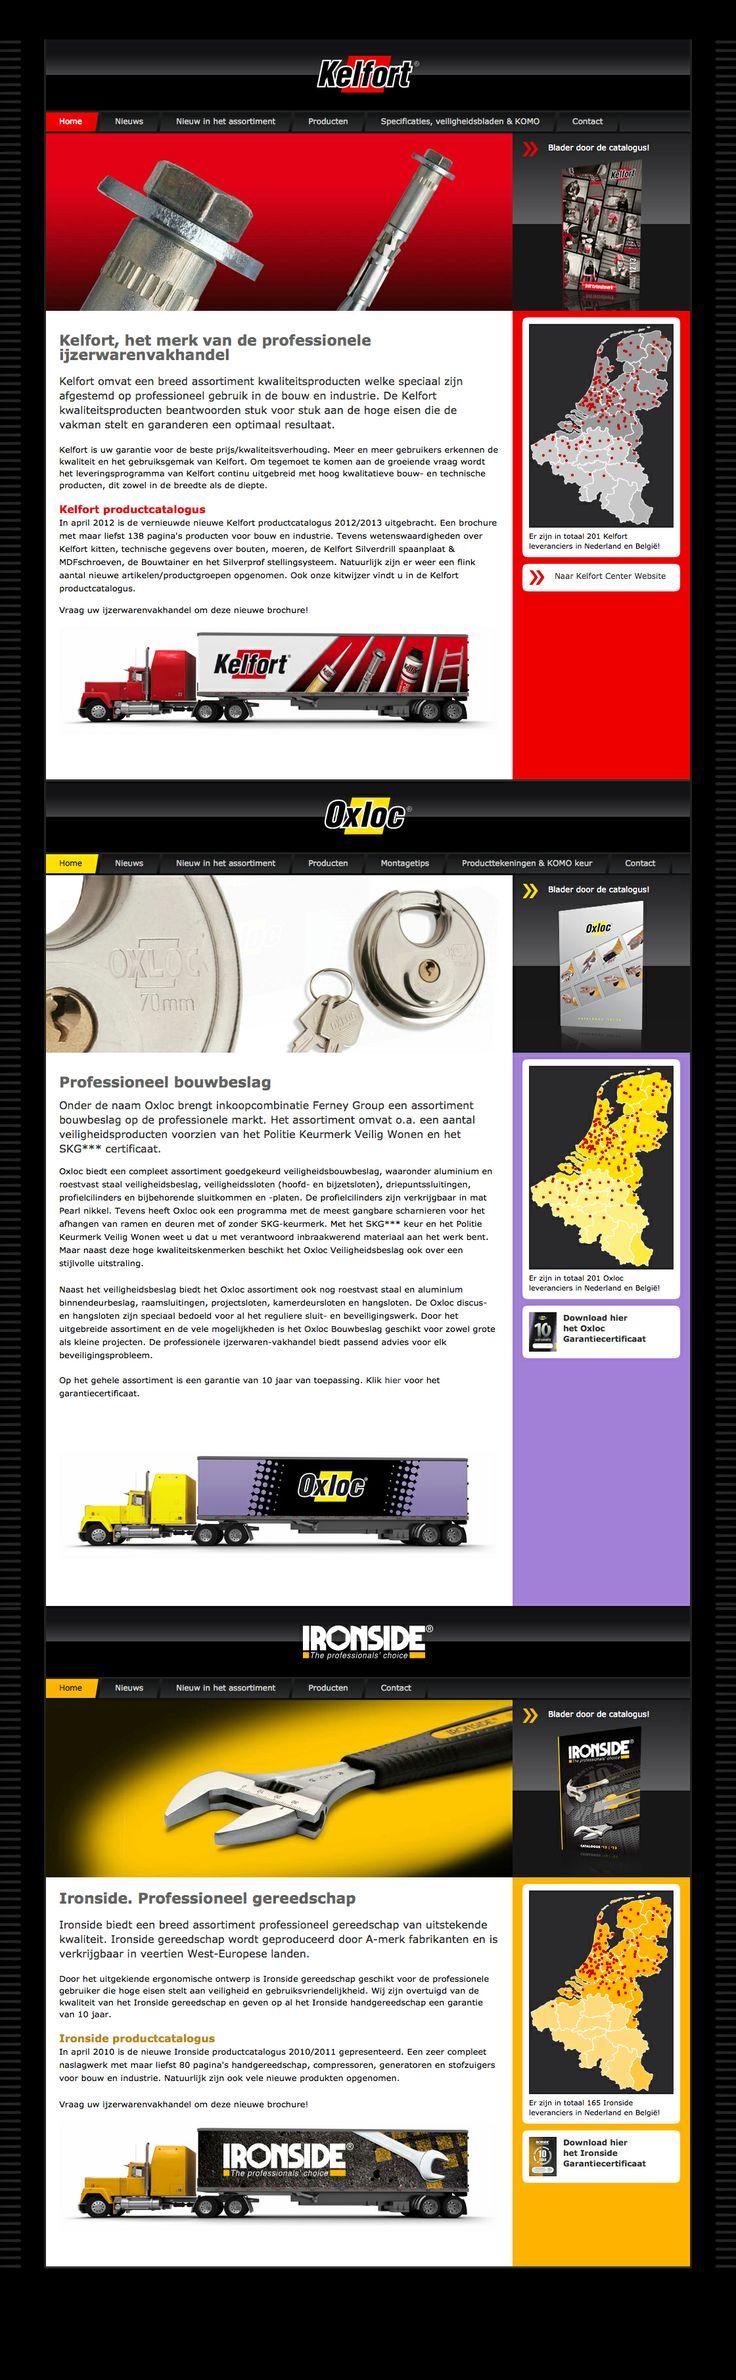 Website design voor Kelfort, Oxloc en Ironside